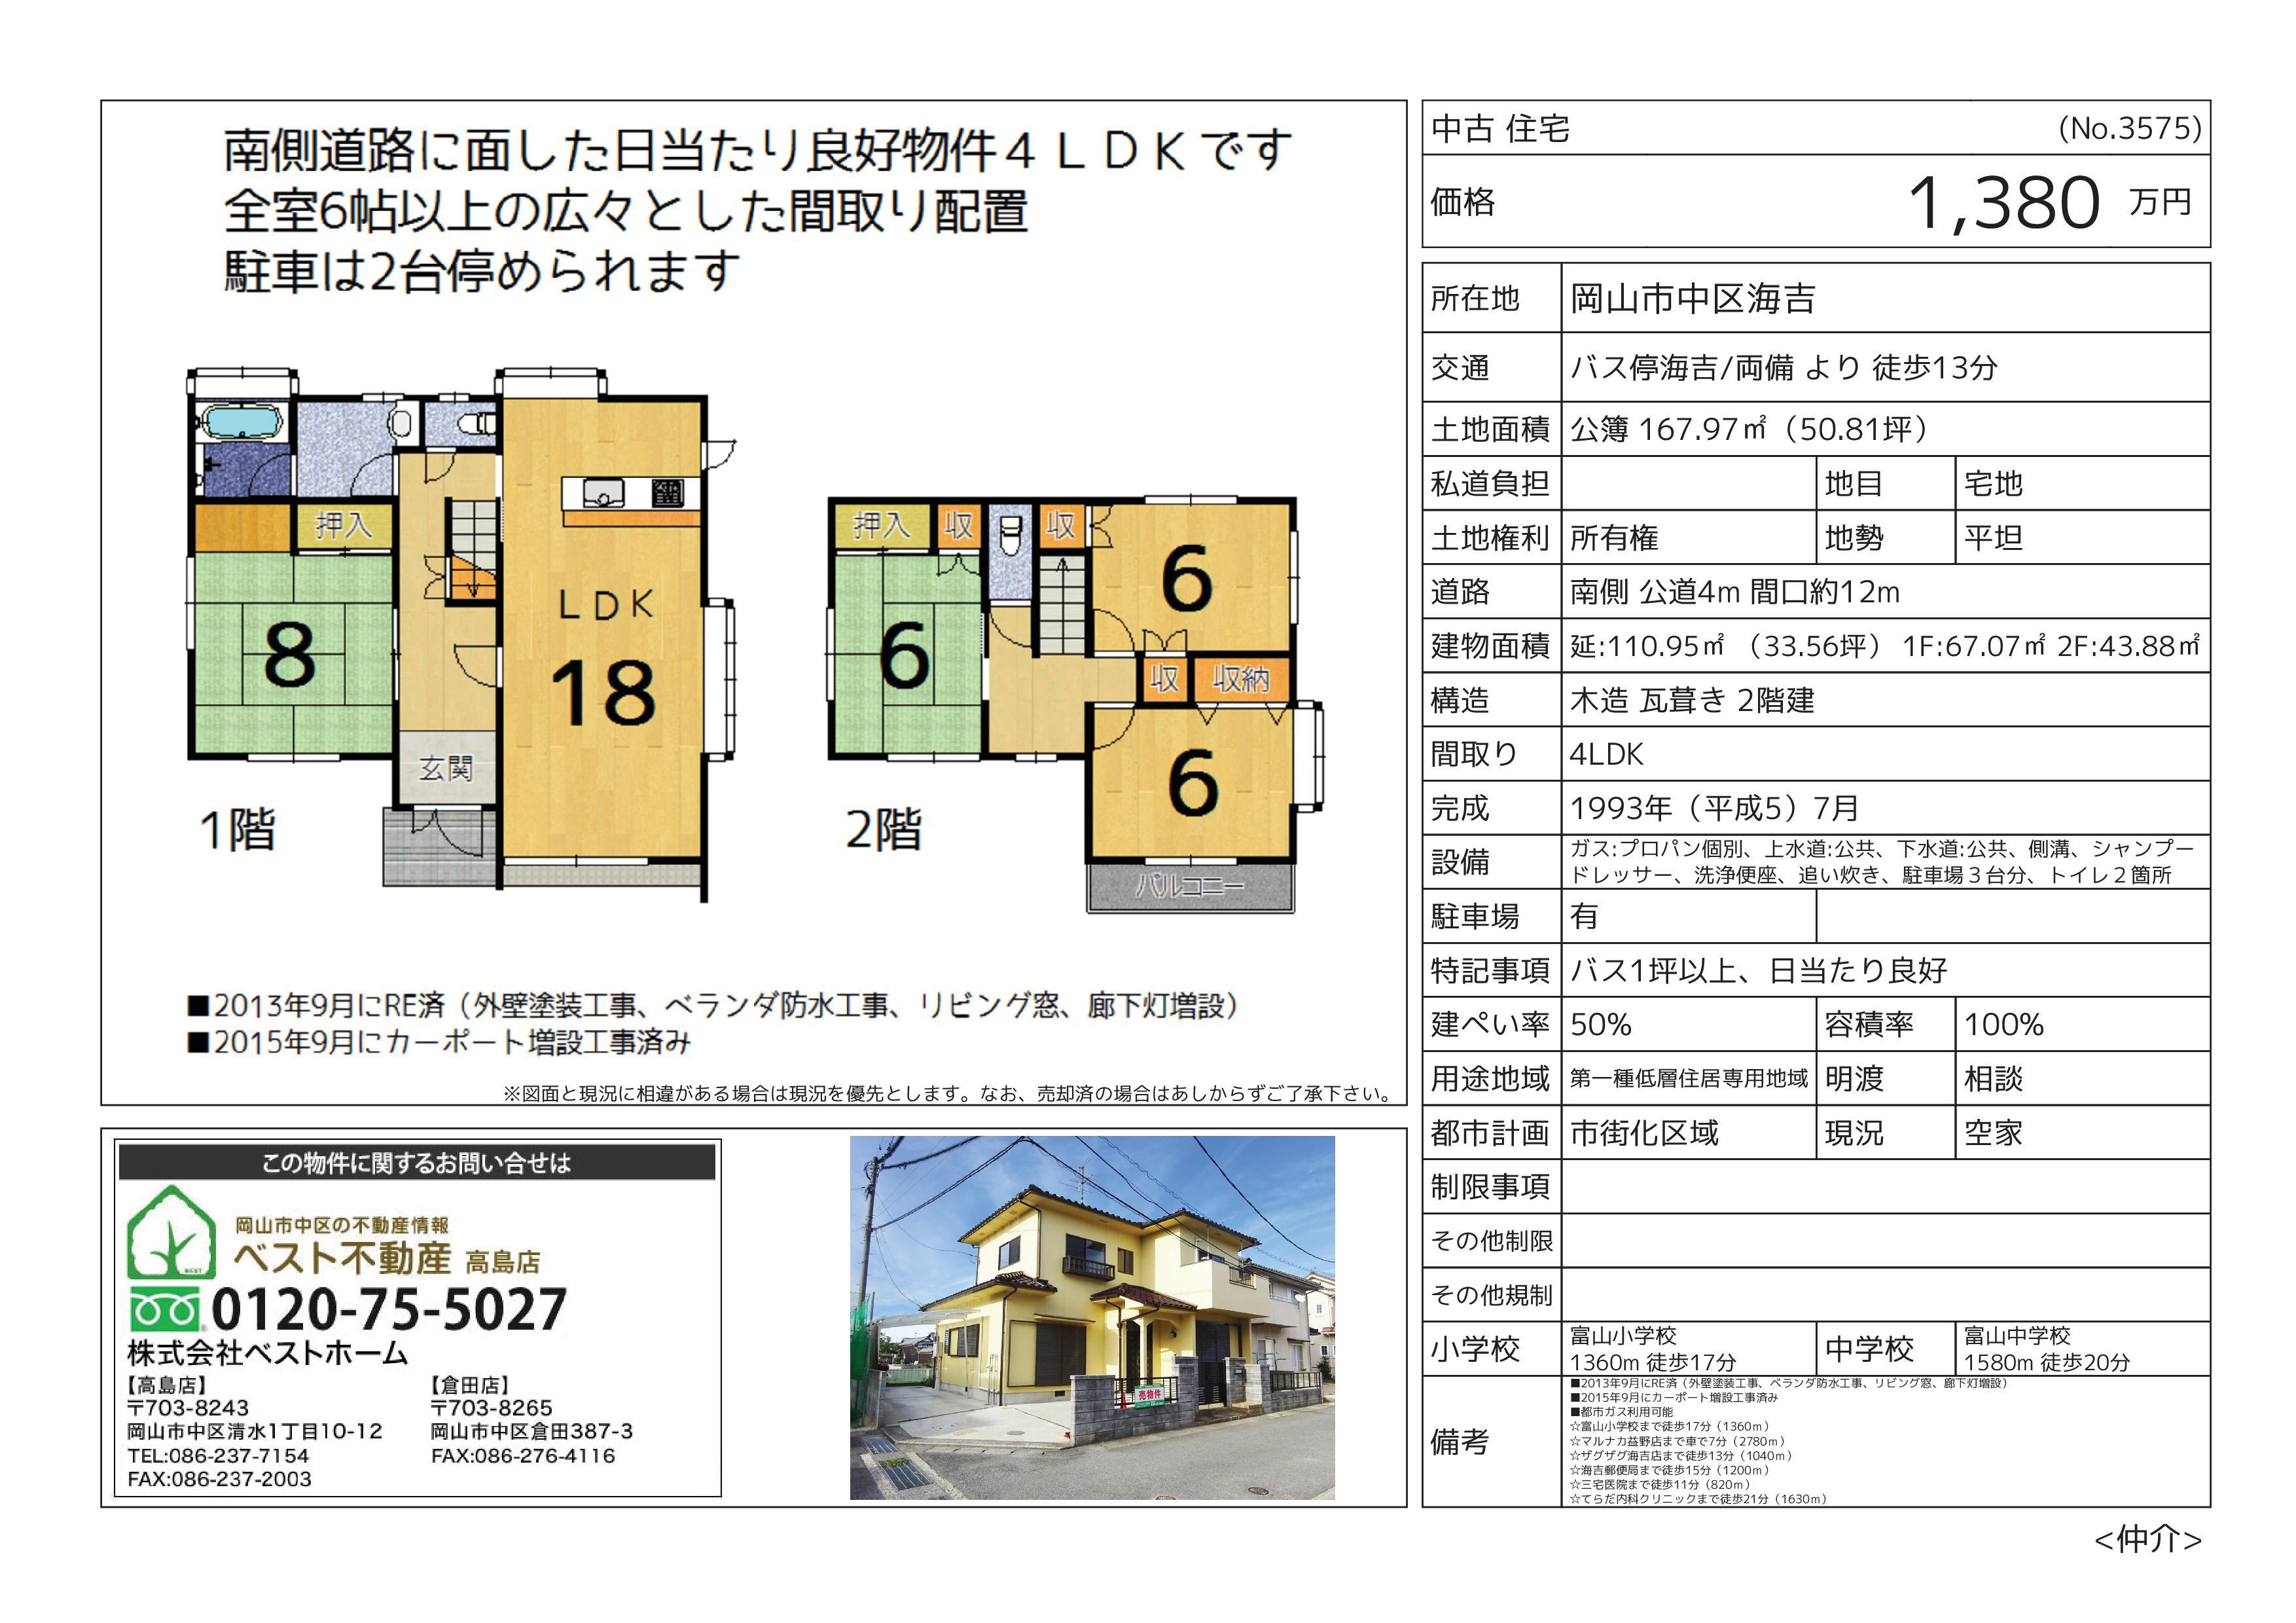 海吉_中古住宅1380万円